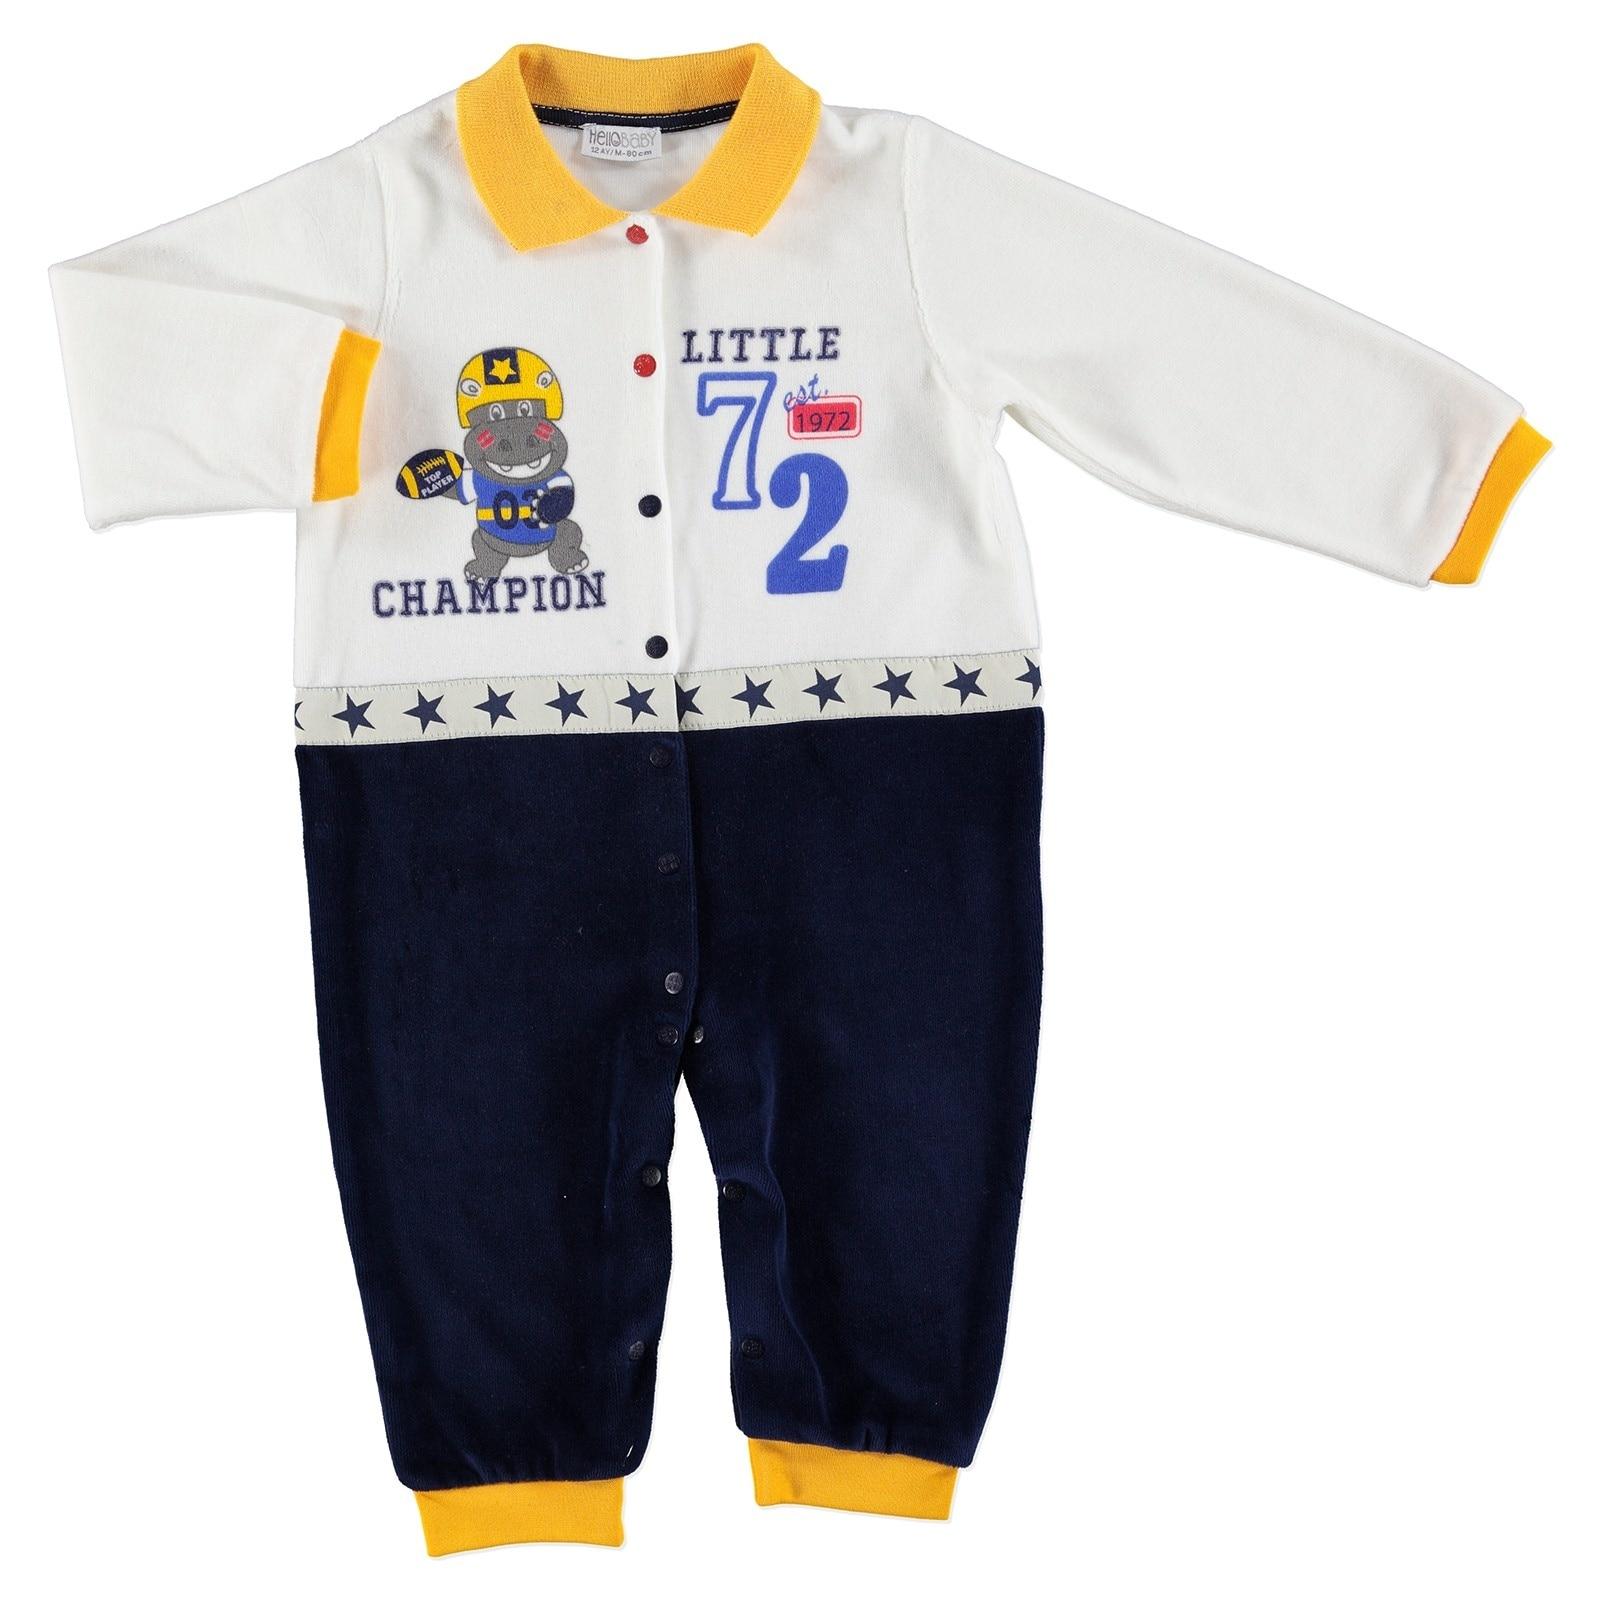 Ebebek HelloBaby Little Champion Baby Velvet Footless Romper